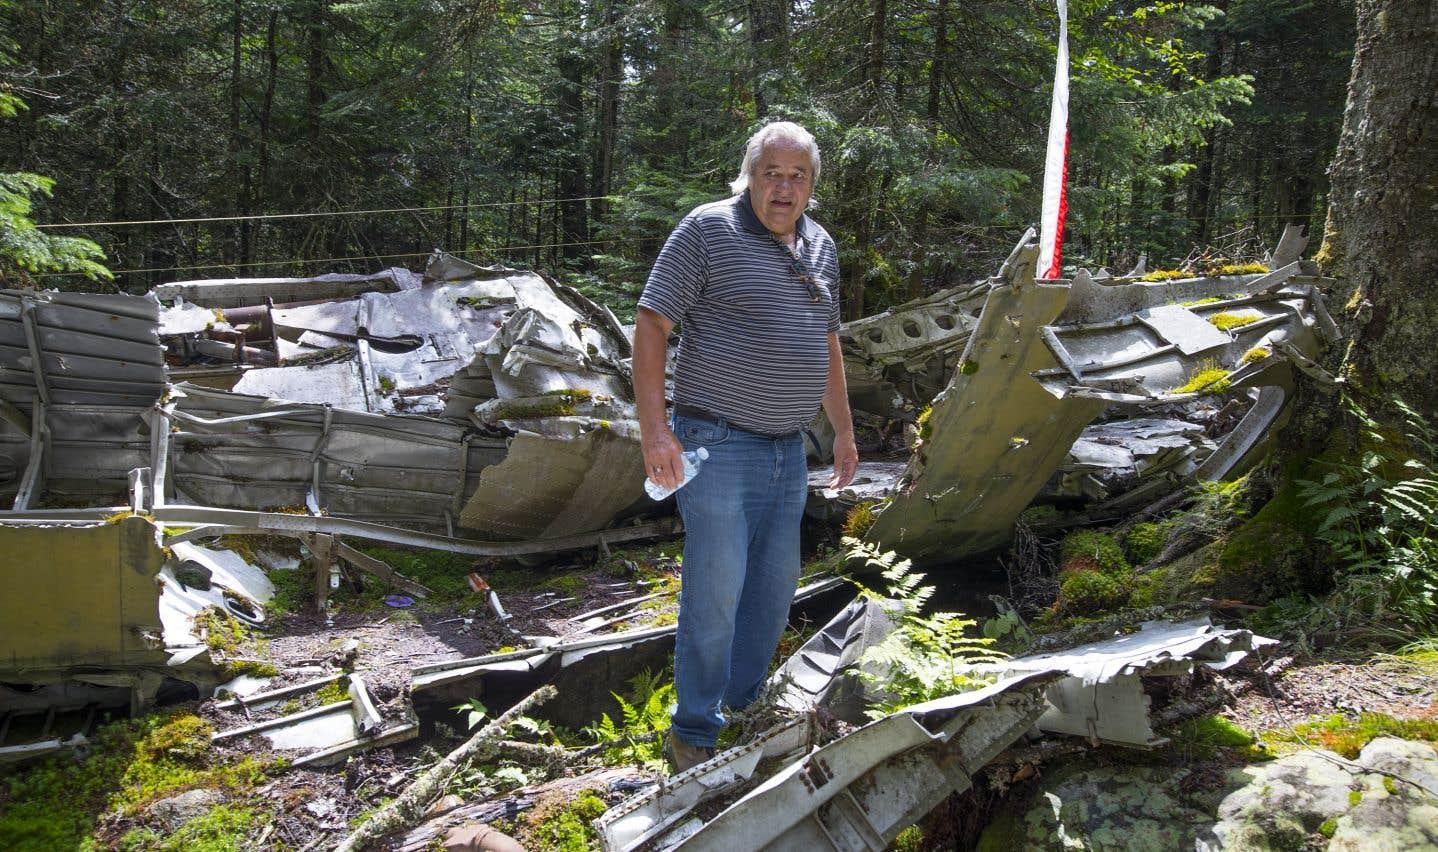 André Lapointe creusait un drain sur le site de l'écrasement lorsqu'il a retrouvé l'altimètre de l'avion, il y a environ un an.